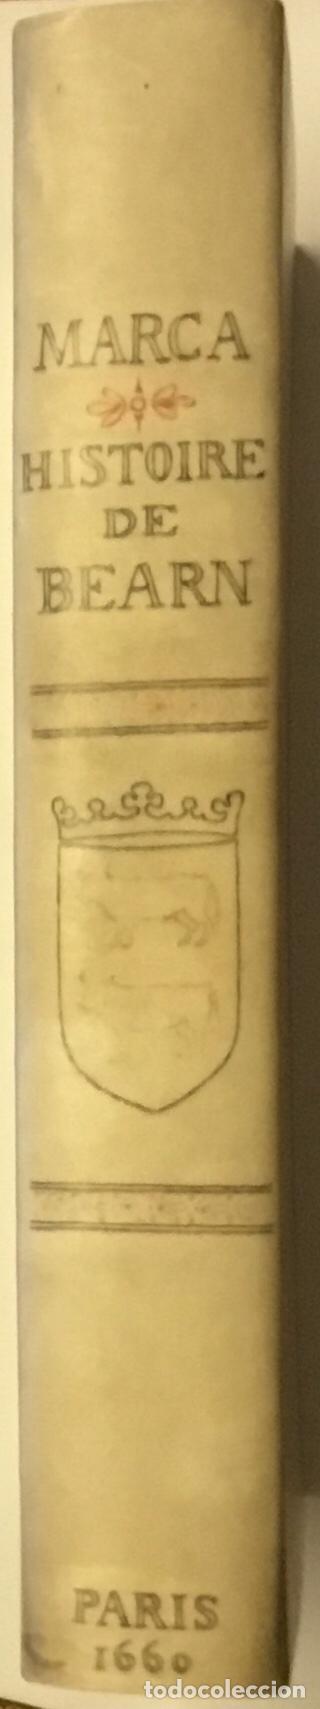 Libros antiguos: HISTOIRE DE BEARN, contenant lorigine des rois de Navarre. MARCA, Pierre de. París, 1640. - Foto 7 - 146497178